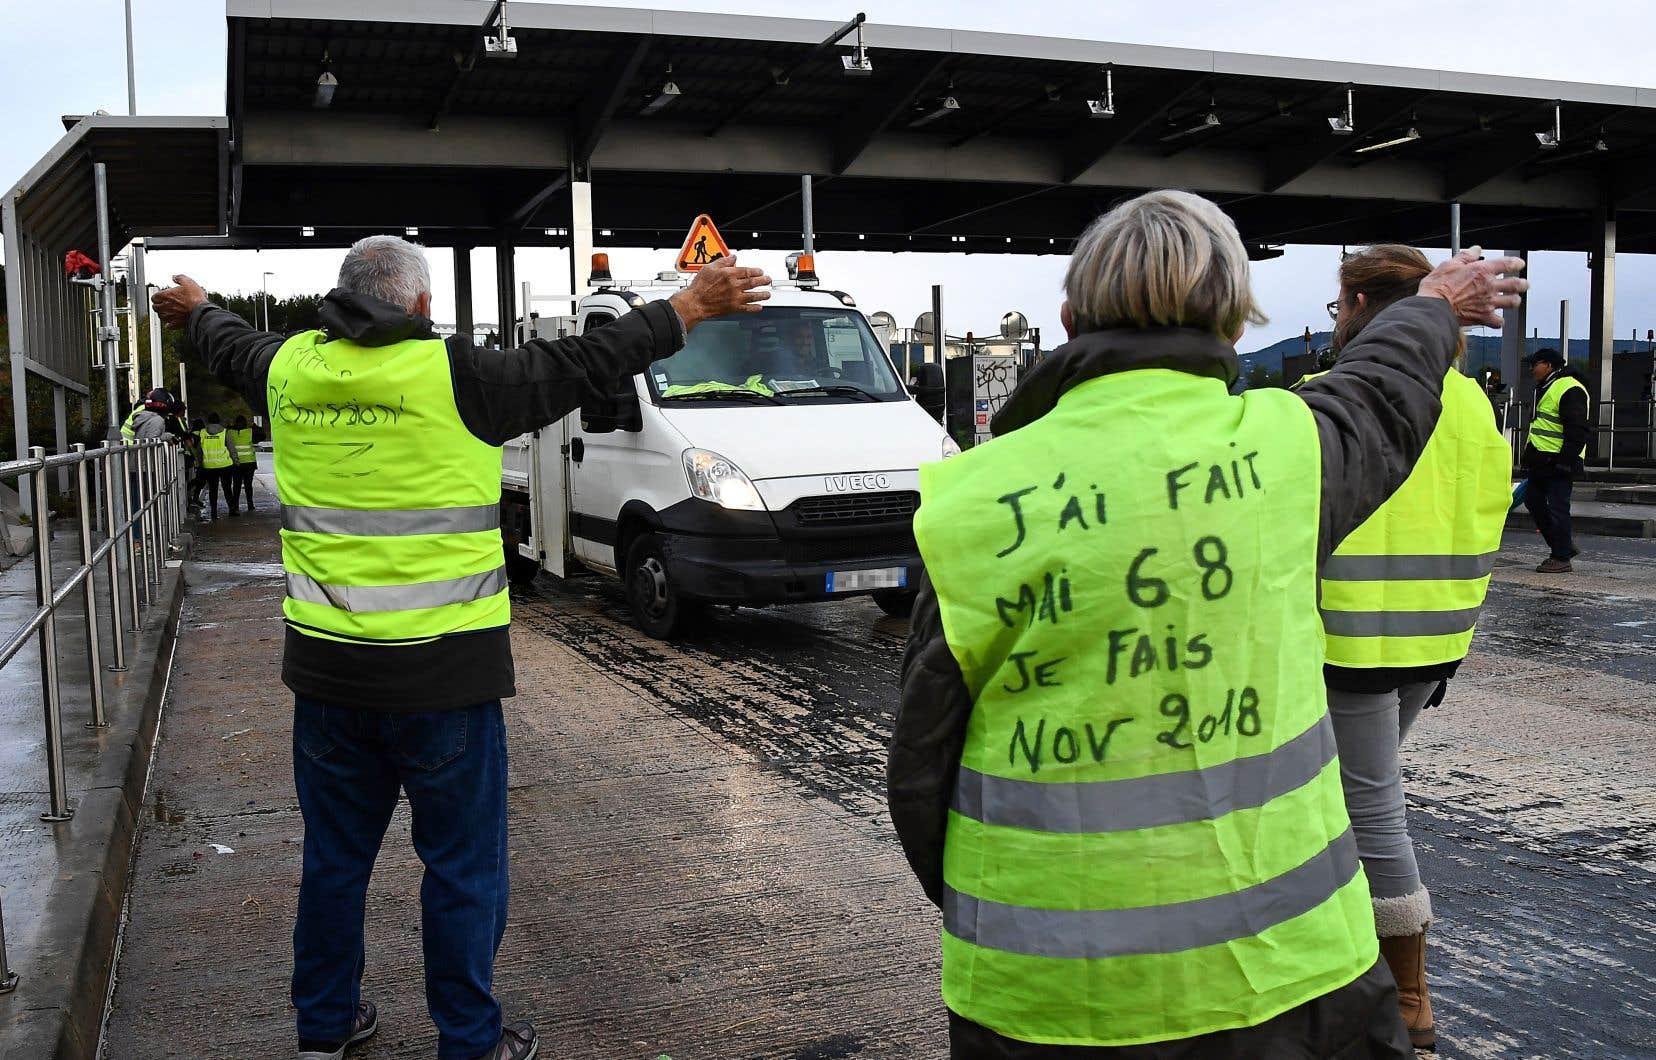 Des gilets jaunes manifestaient dans le sud de la France, près de La Ciotat, vendredi.